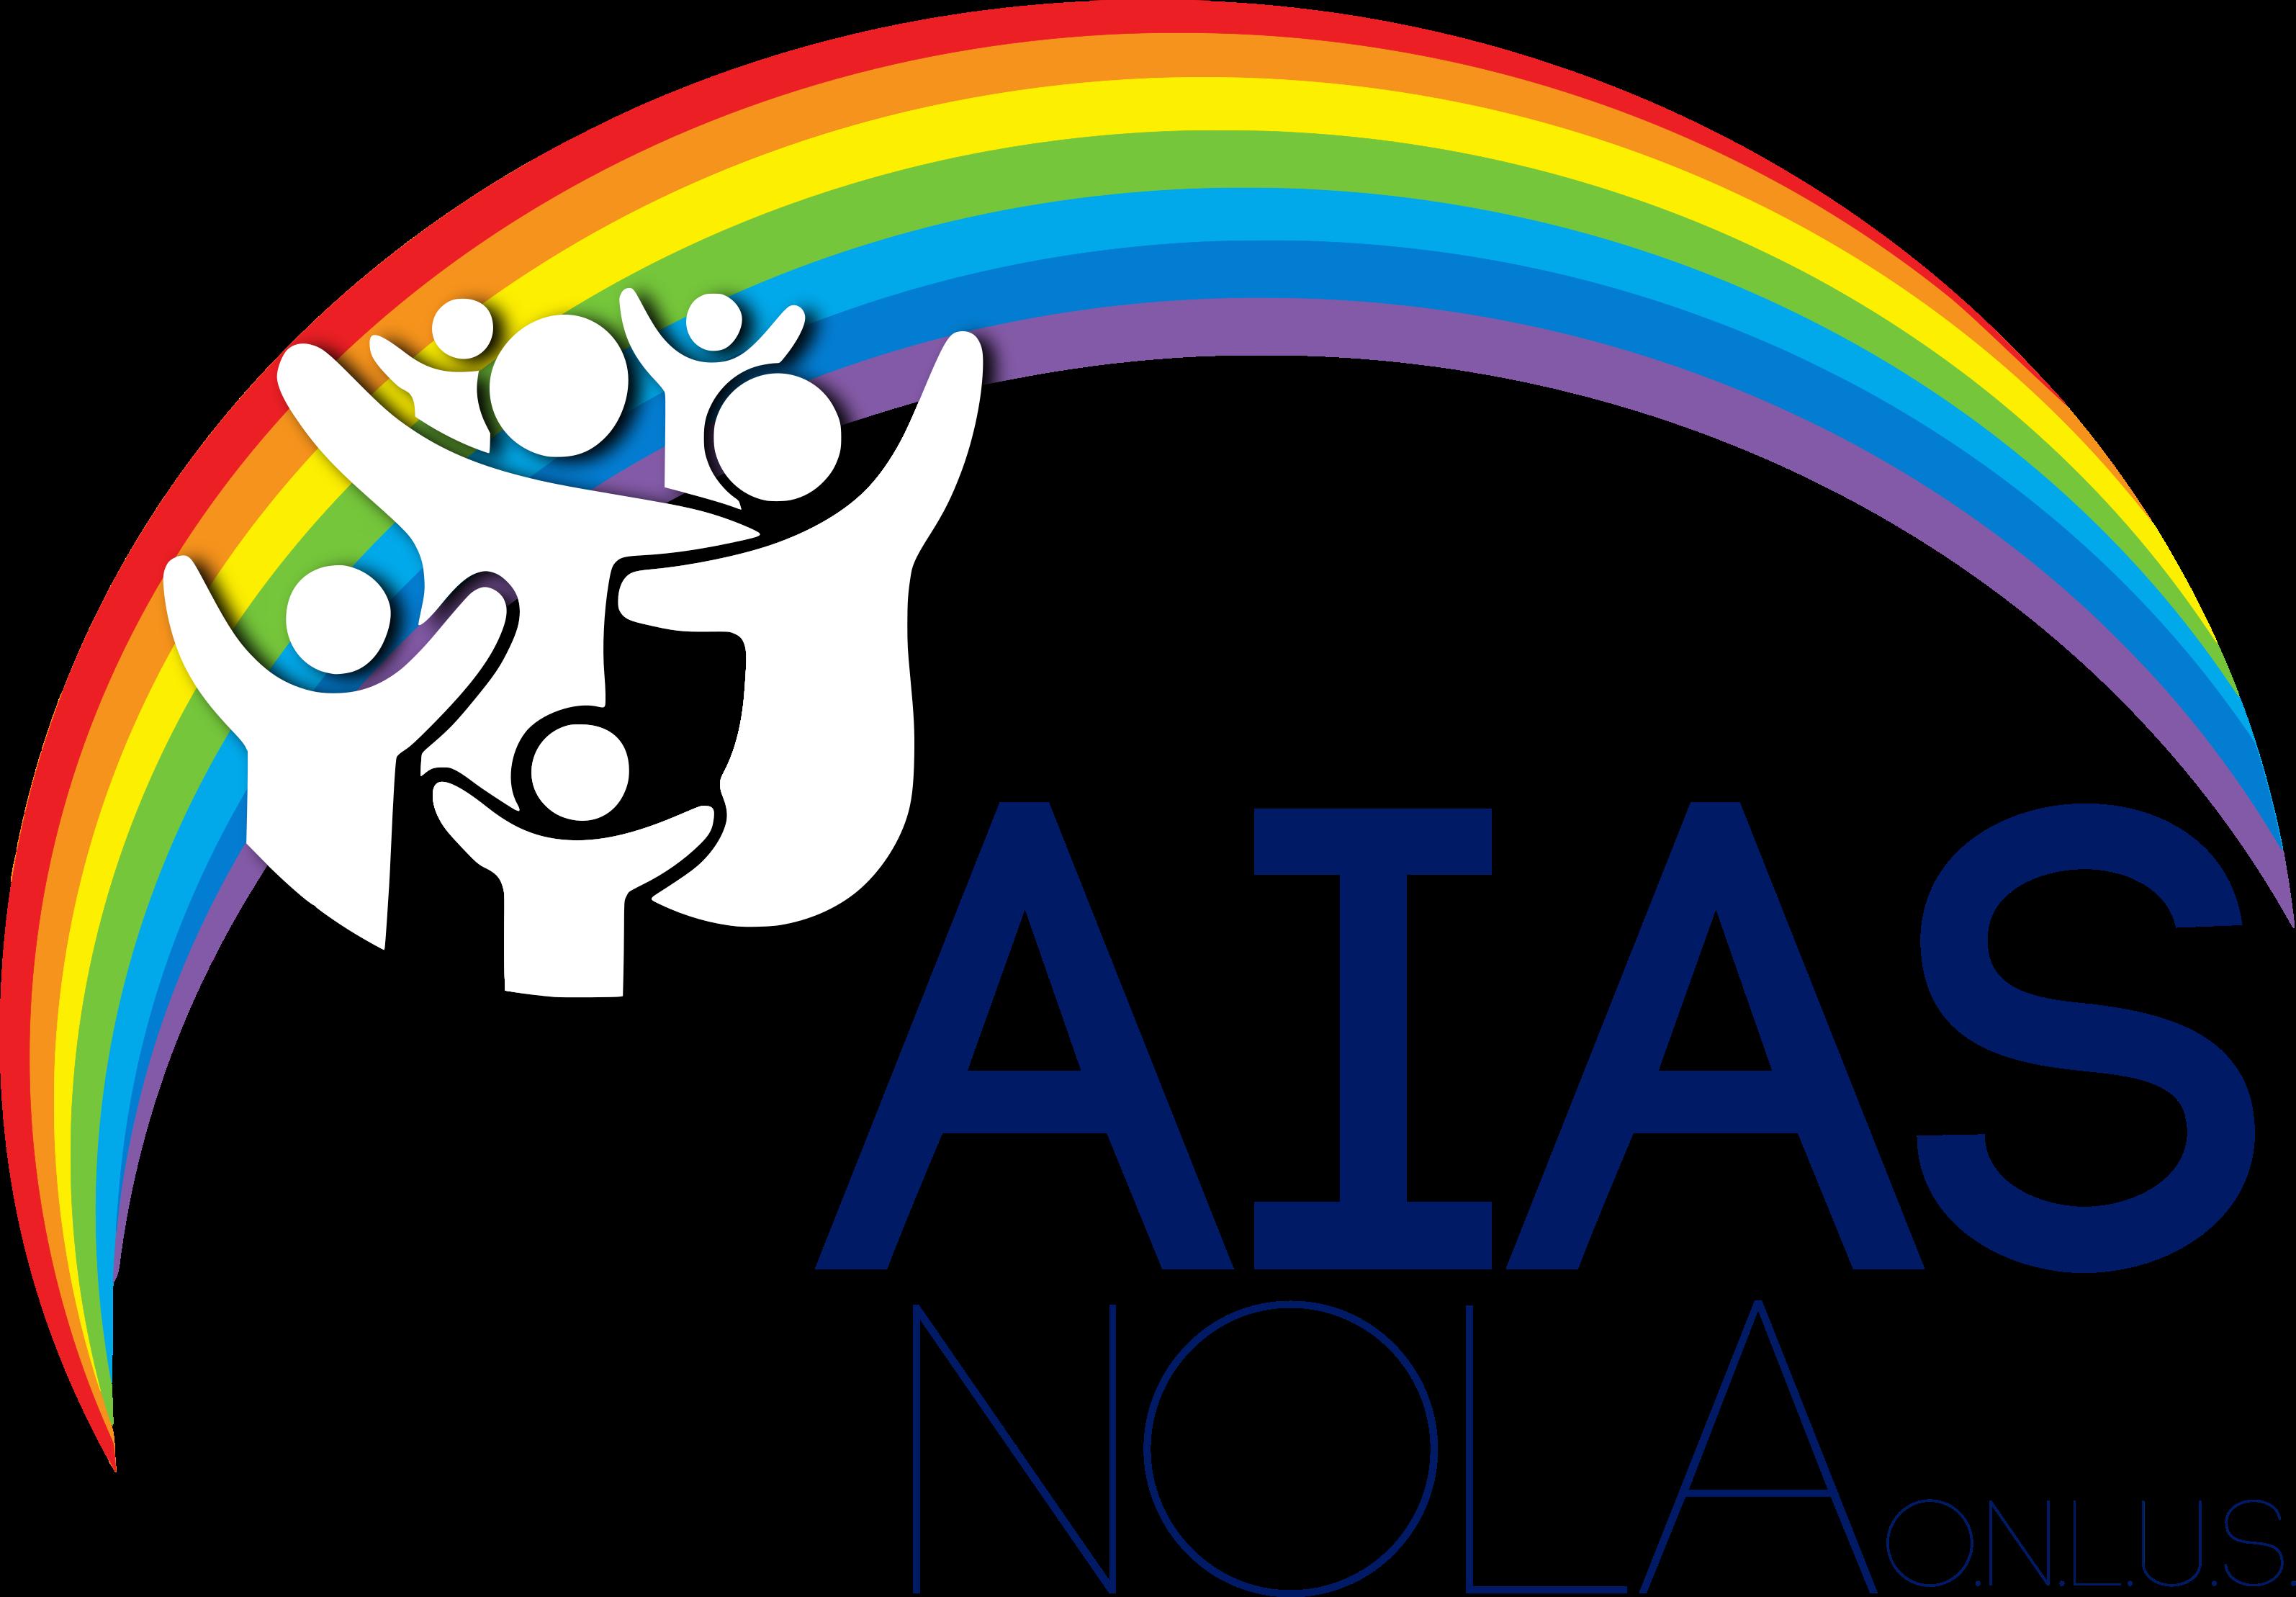 AIAS Nola